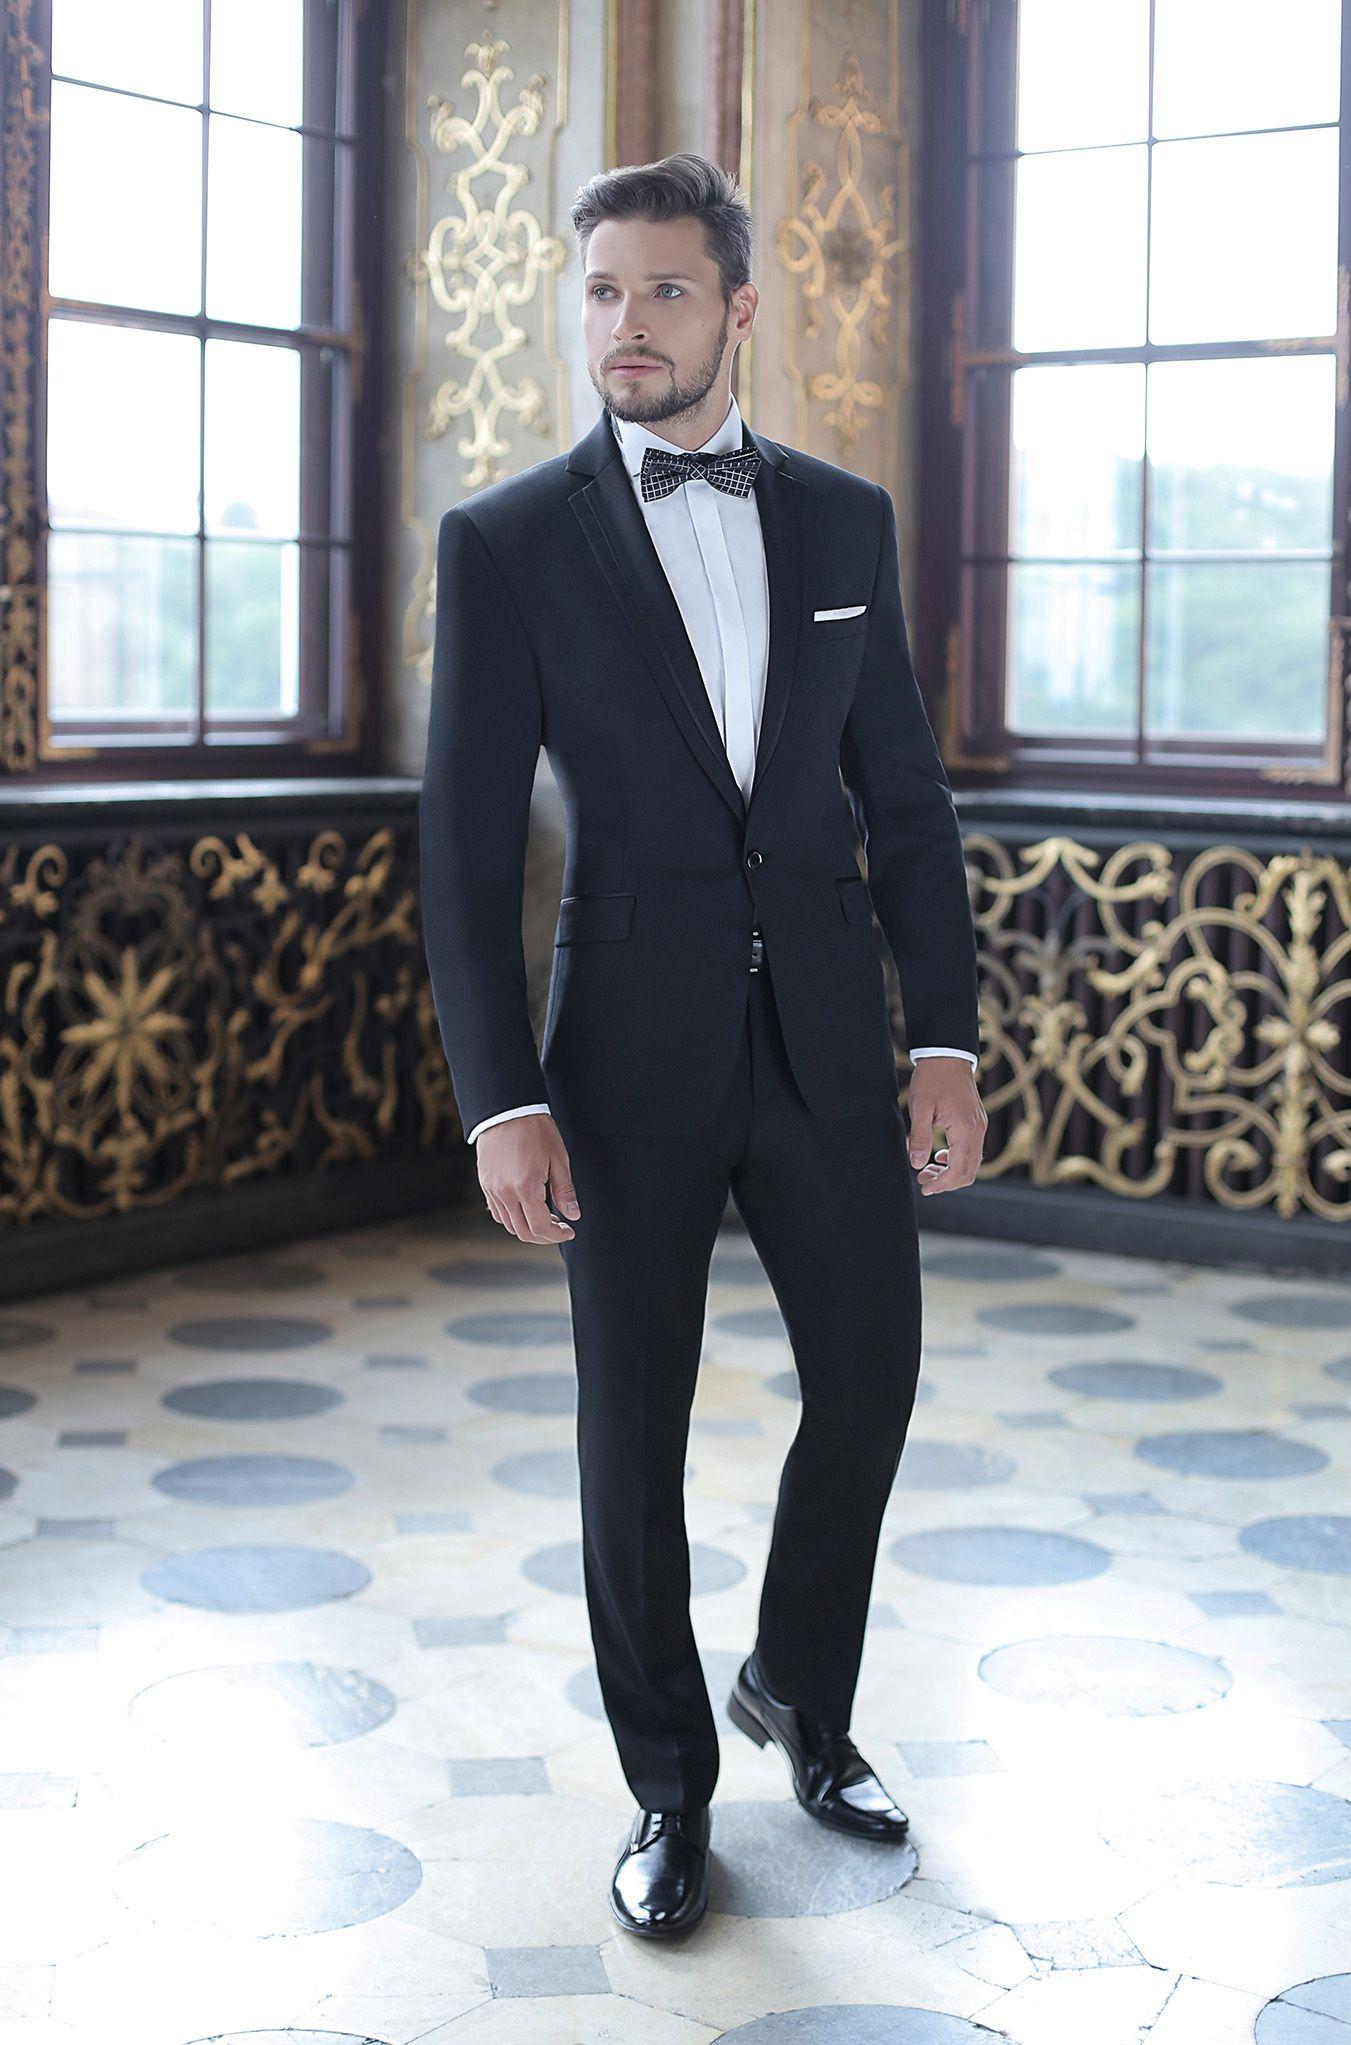 Lookbook Slubny 2016 Black Suit Wedding Wedding Suits Groom Groom Suit Black